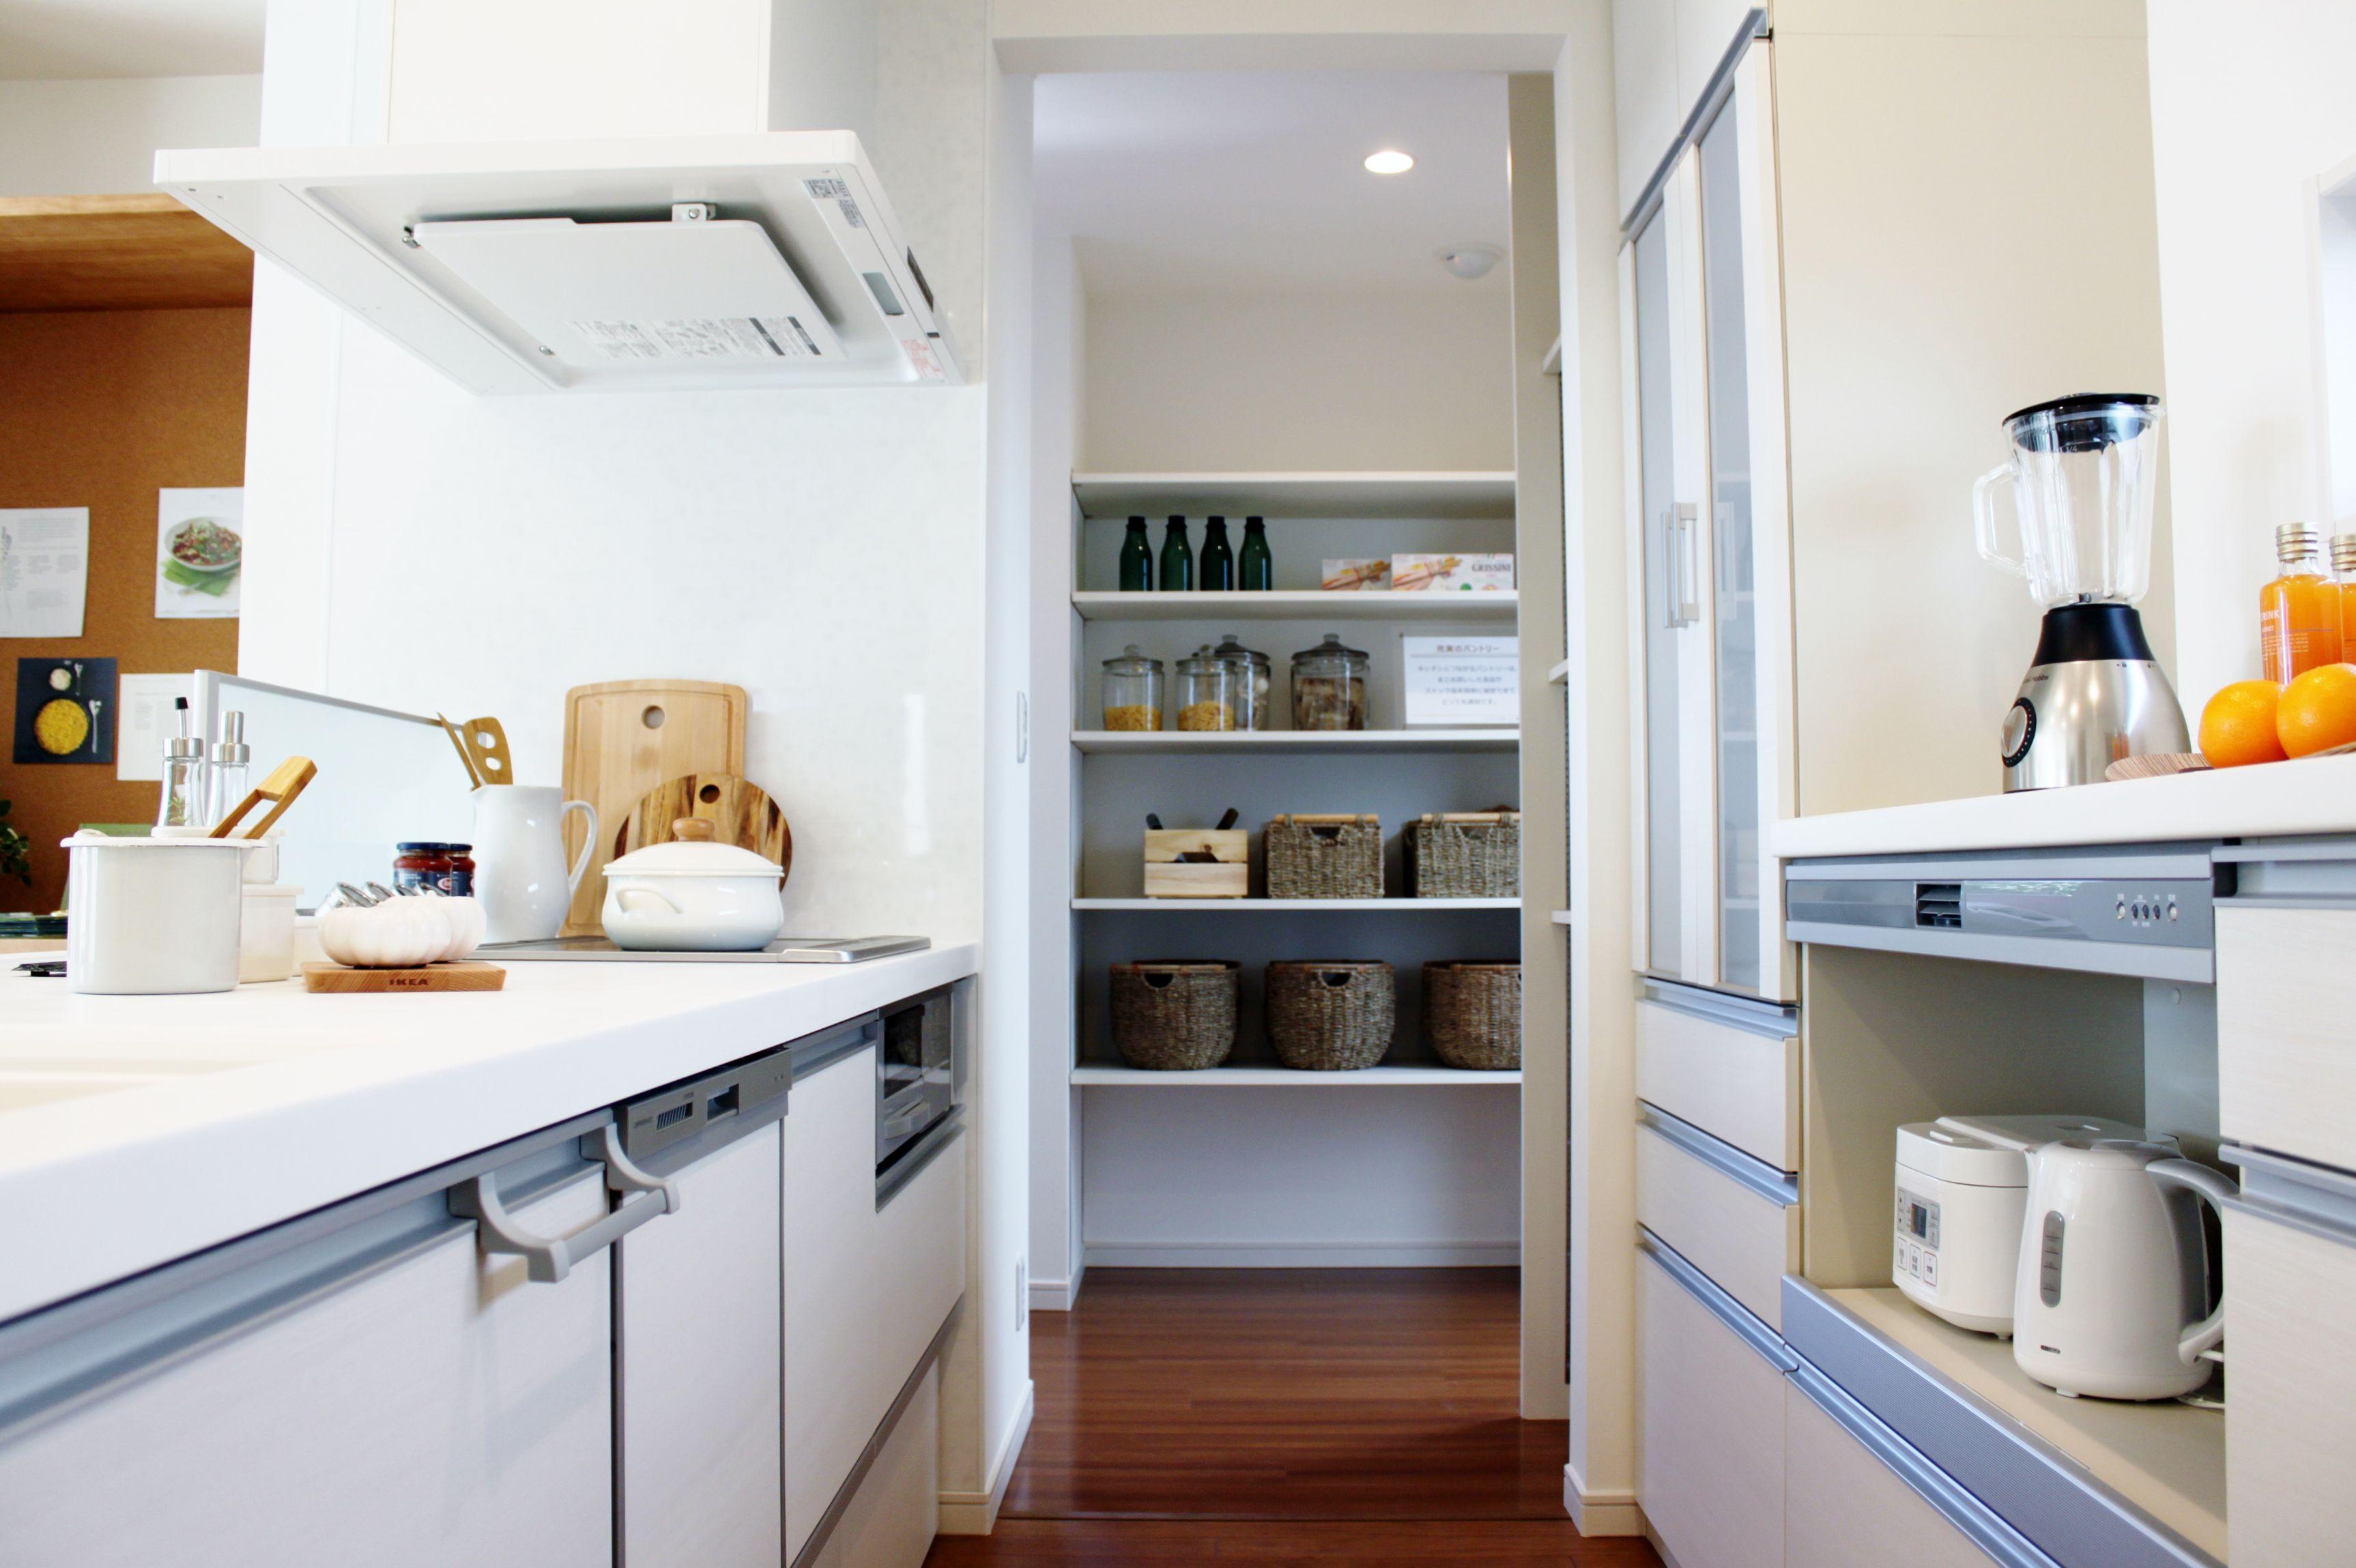 キッチンから繋がるパントリーは、まとめ買いした食品やストック品を簡単に保存できて、とっても便利です。